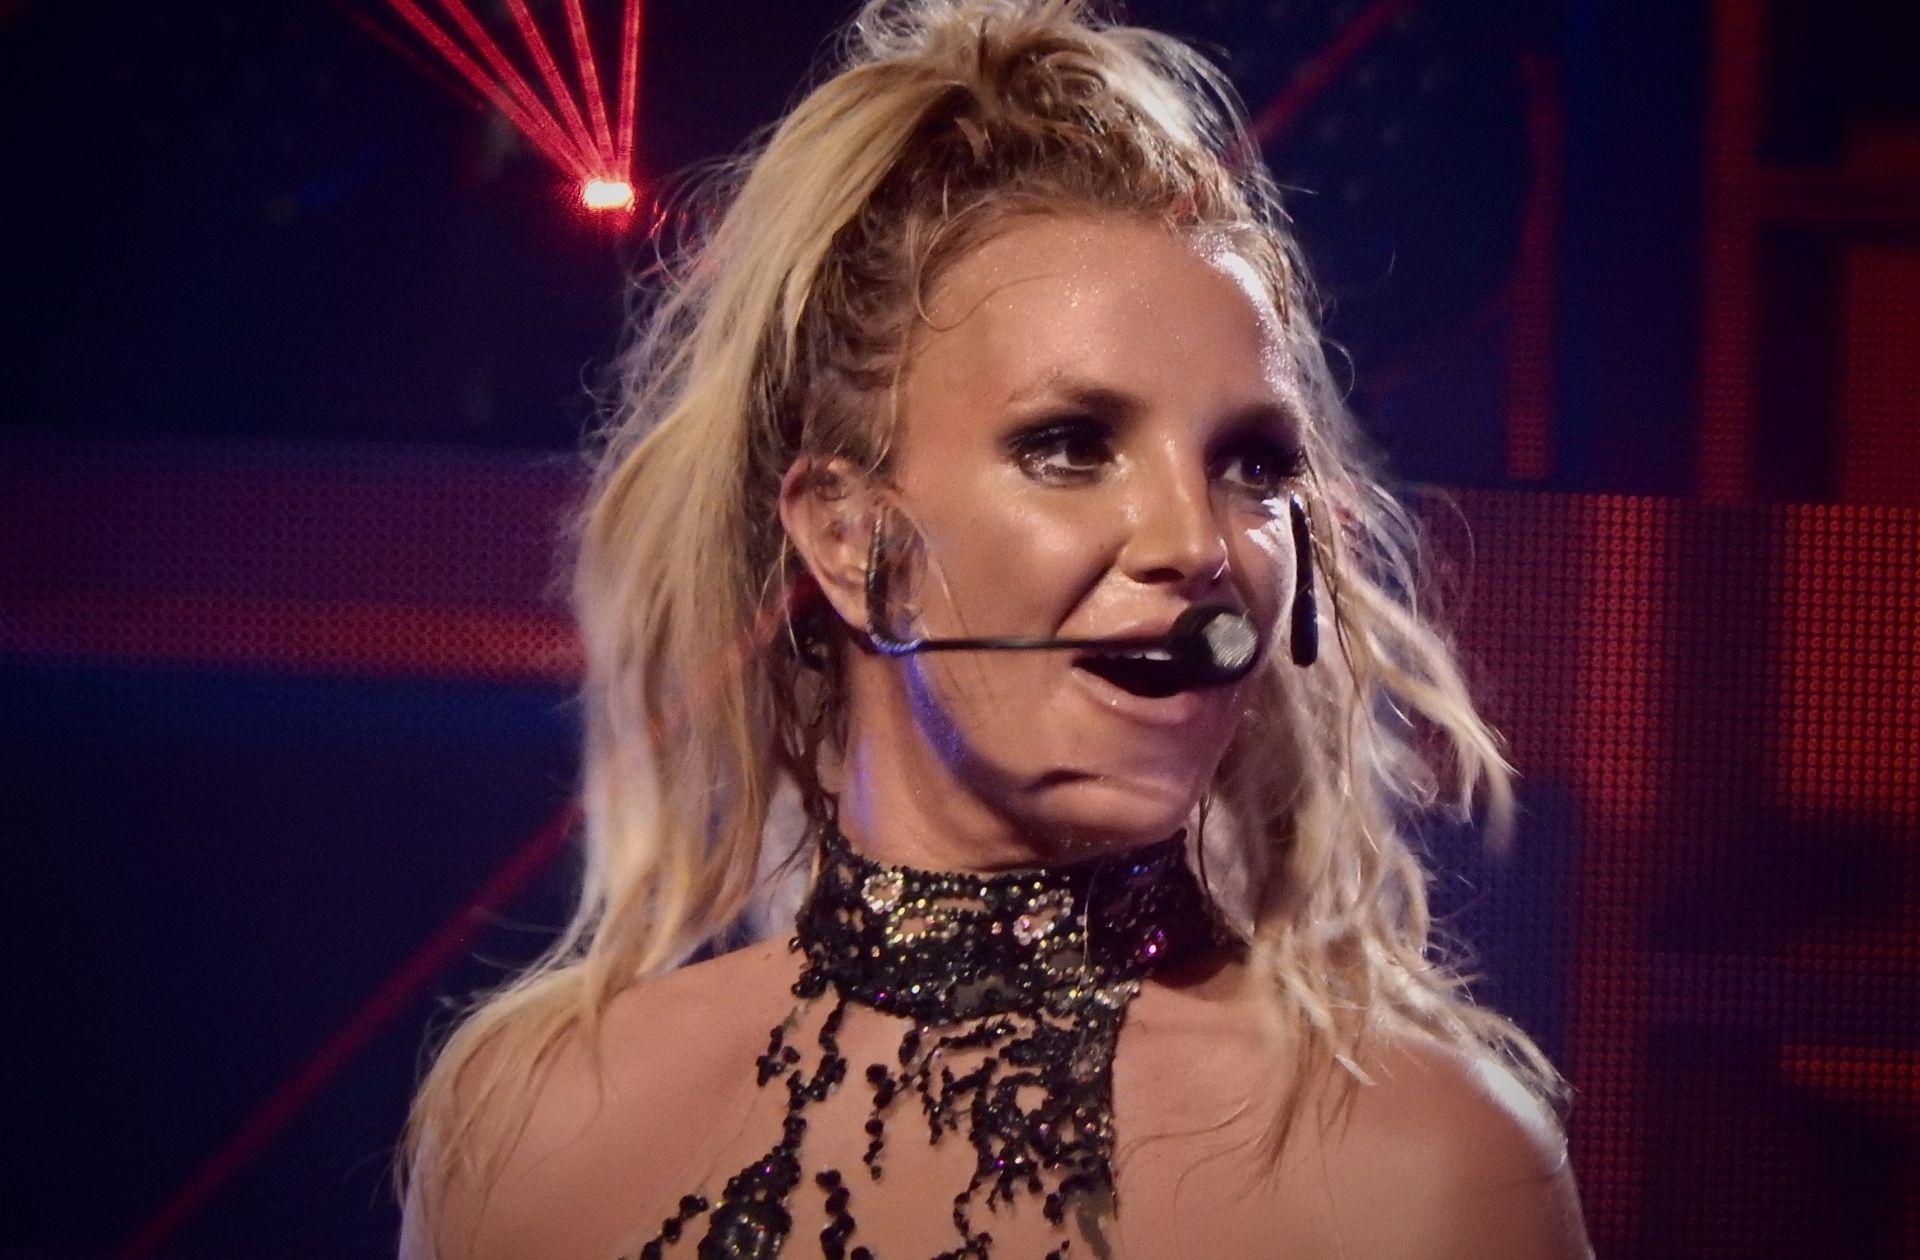 «J'ai menti au monde entier, j'ai dit que j'étais heureuse»:Britney Spears raconte l'enfer de sa tutelle